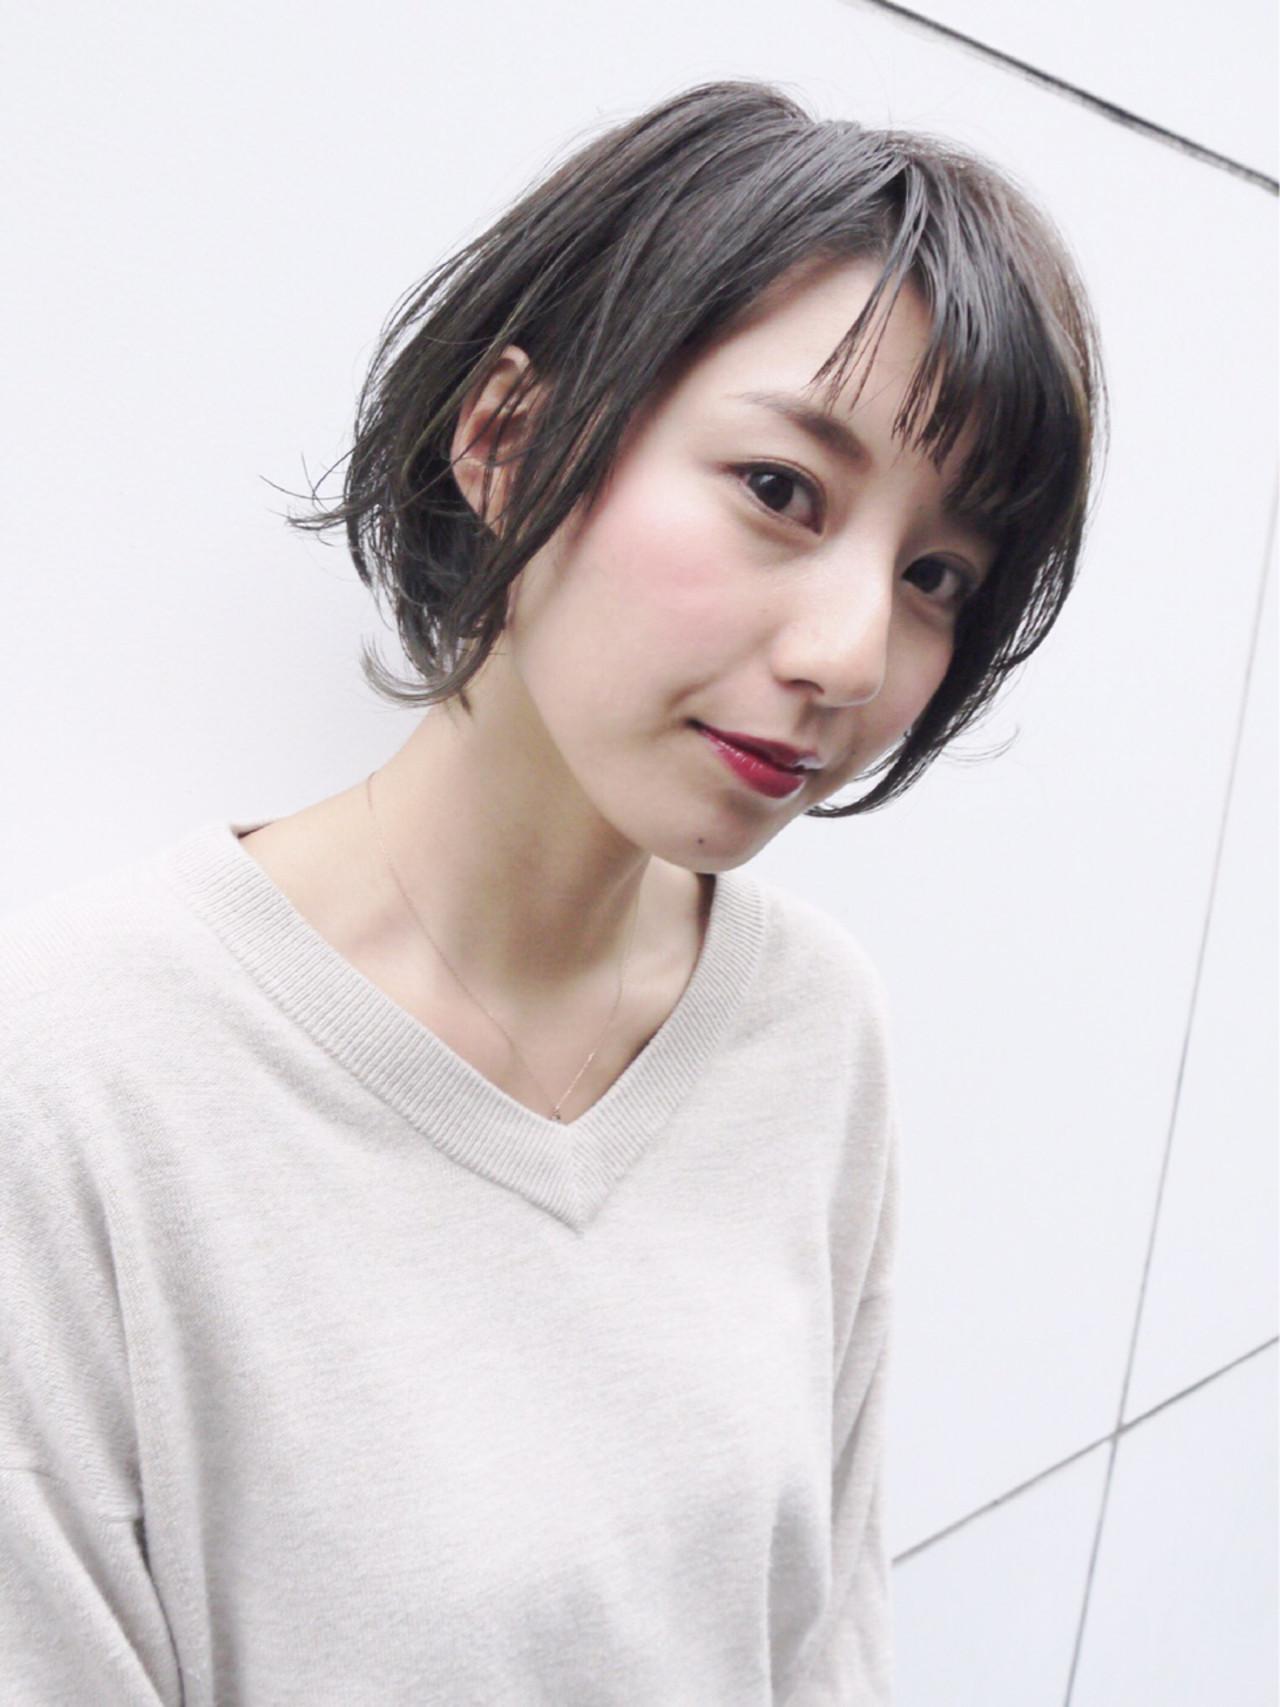 オフィス ショート デート ナチュラル ヘアスタイルや髪型の写真・画像 | Hiroさん / モリオフロムロンドン原宿本店